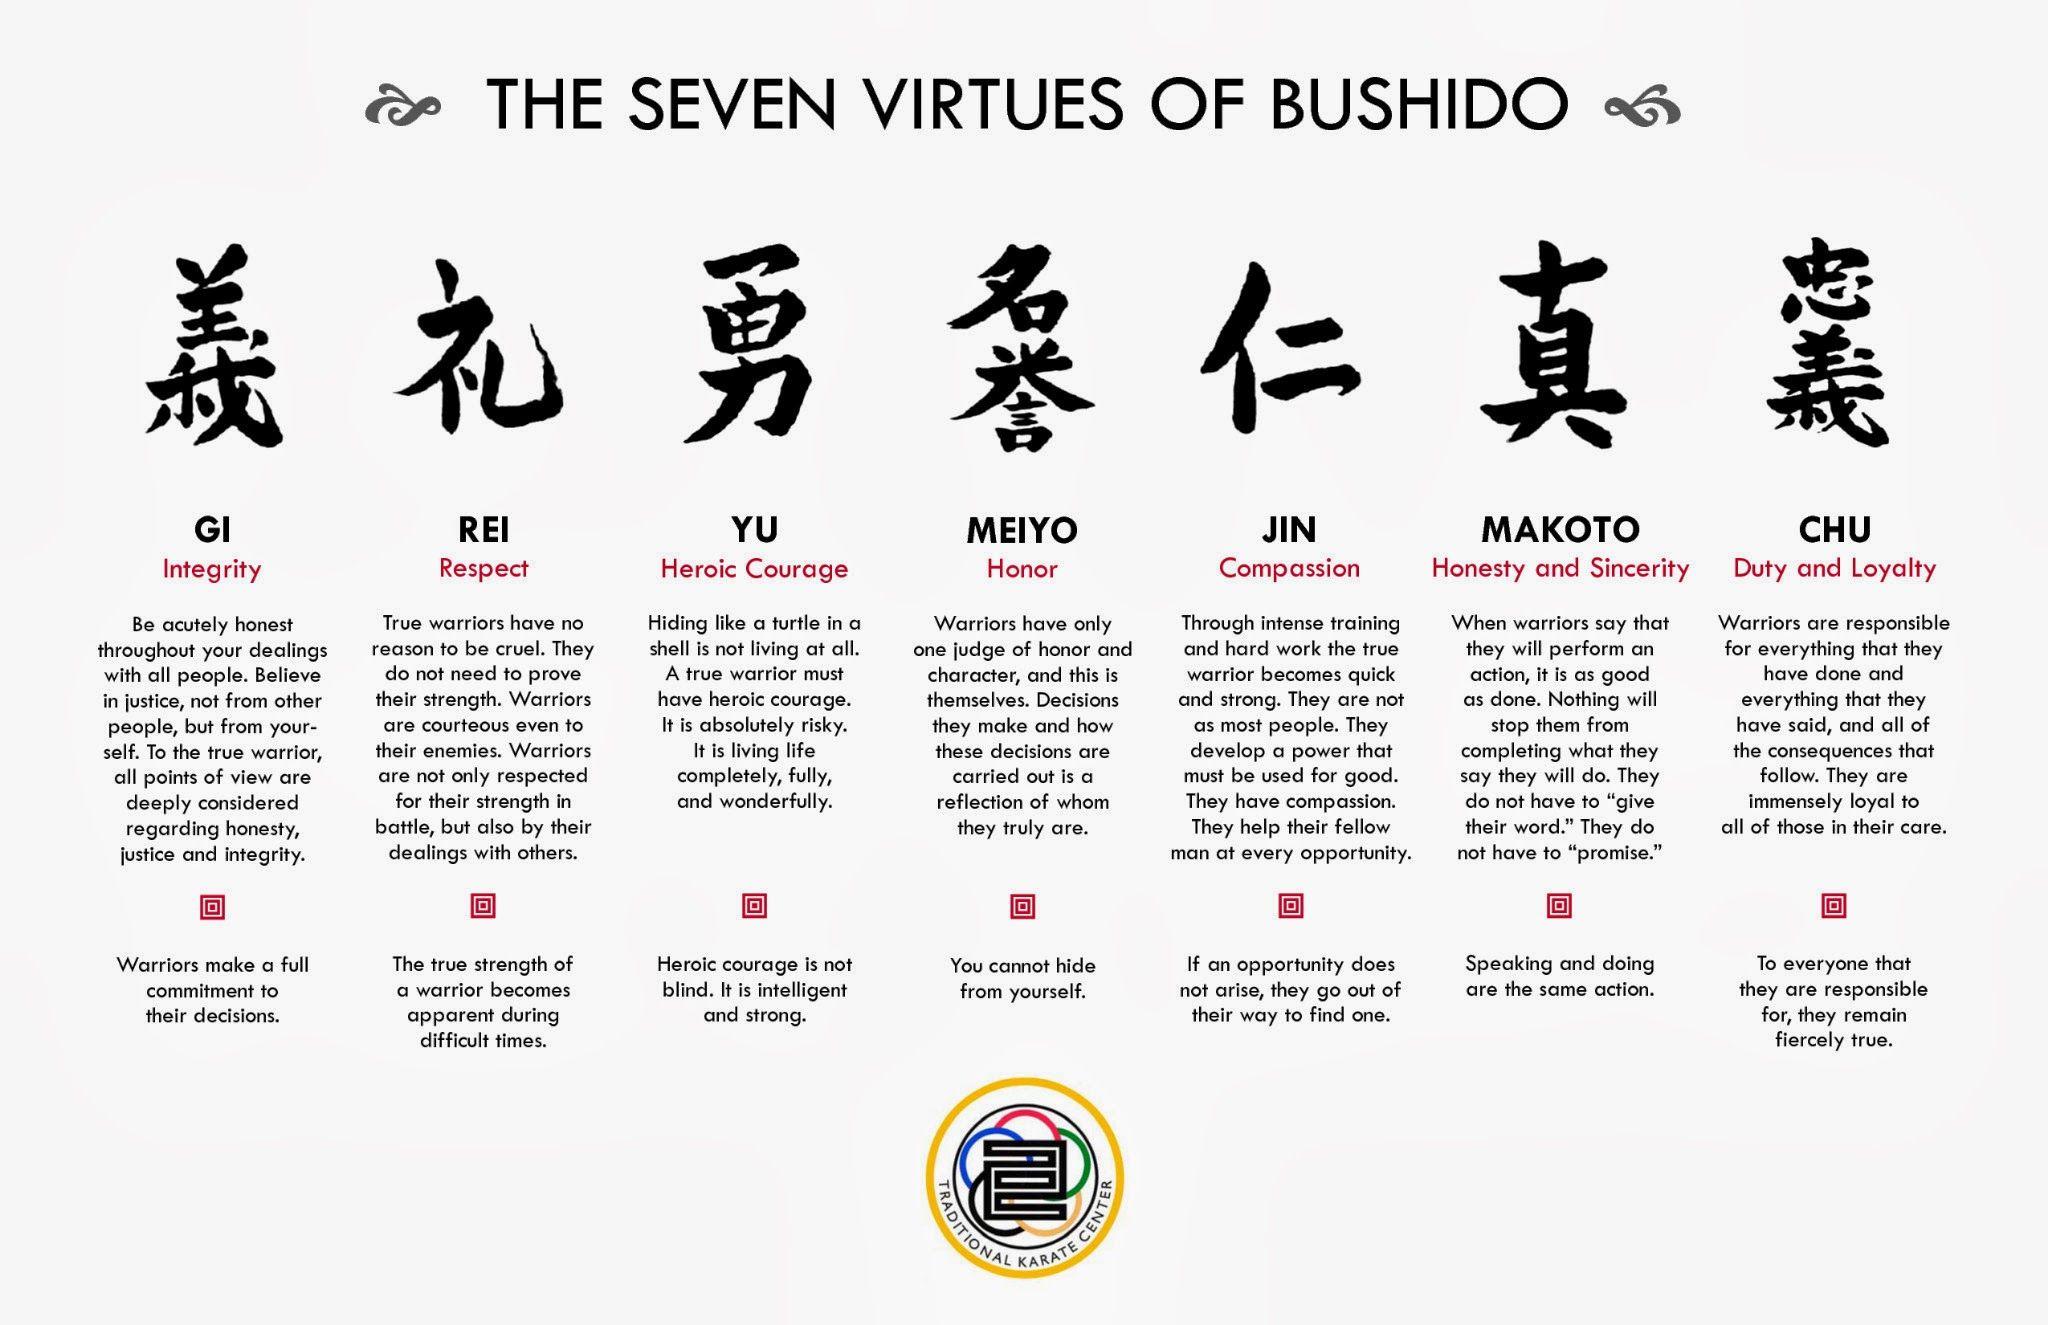 photo Asiatique Arts Martiaux Art Framed print-les sept vertus de Bushido